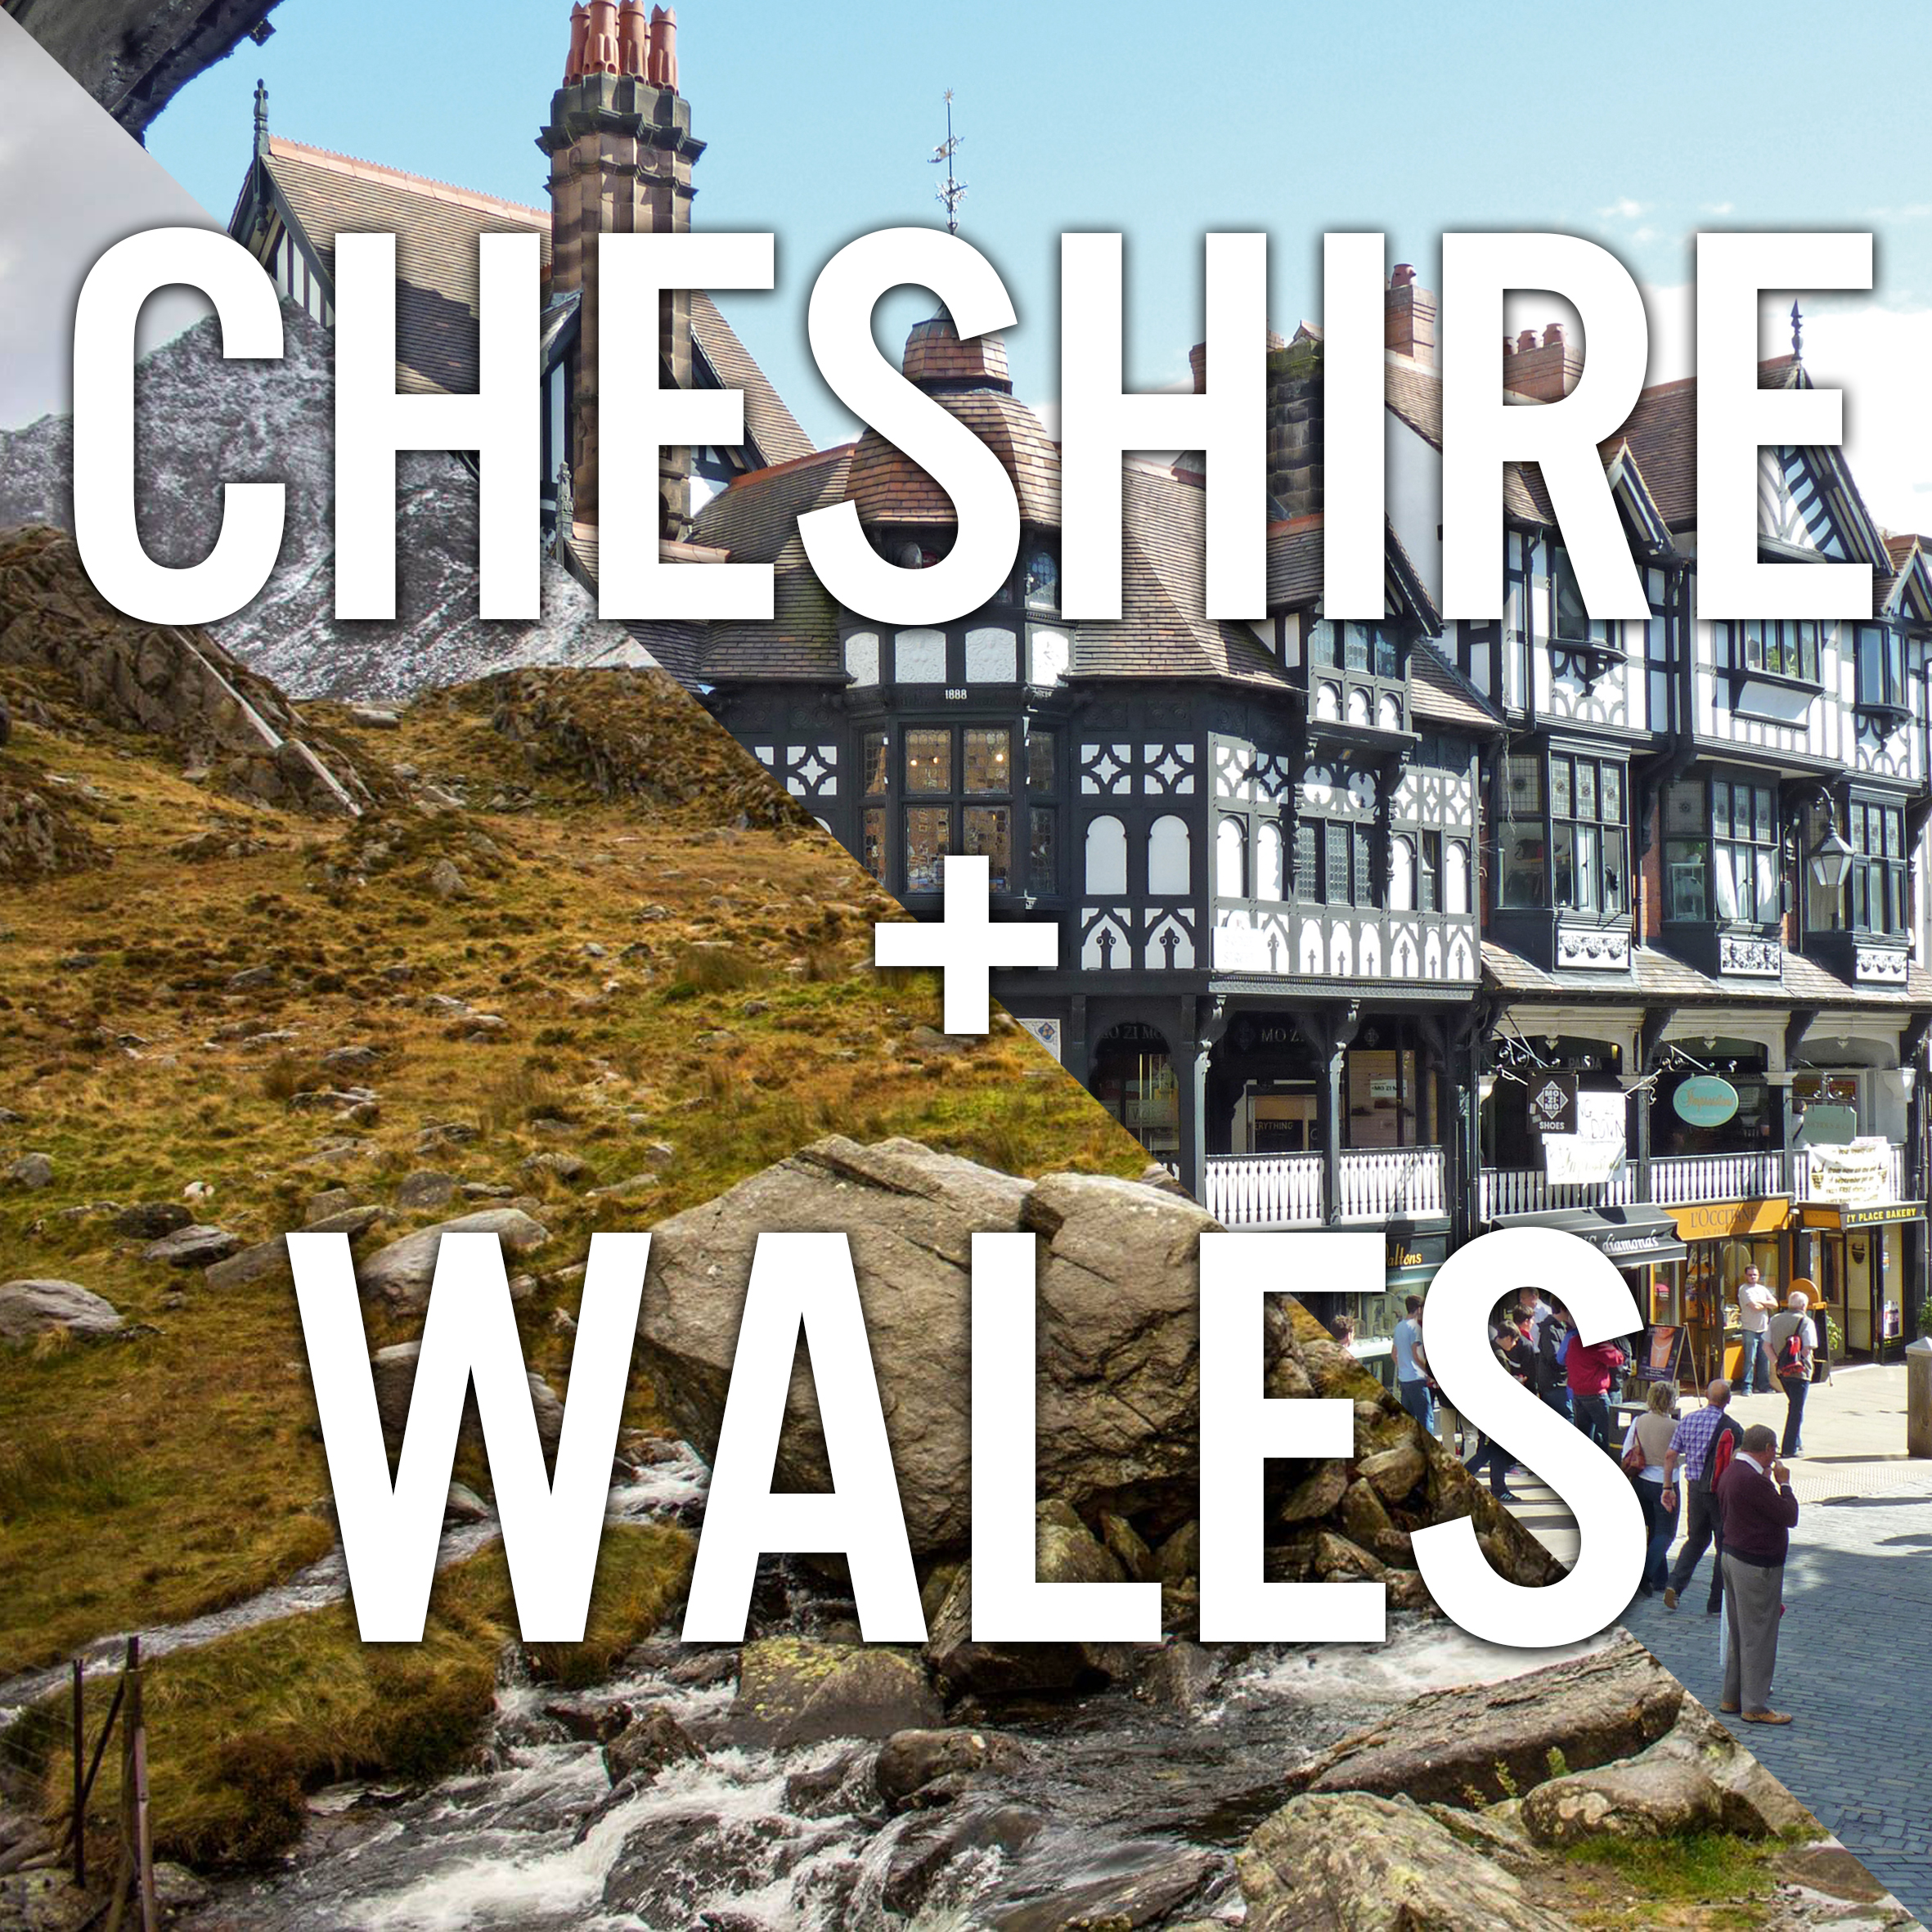 cheshire + n wales.jpg